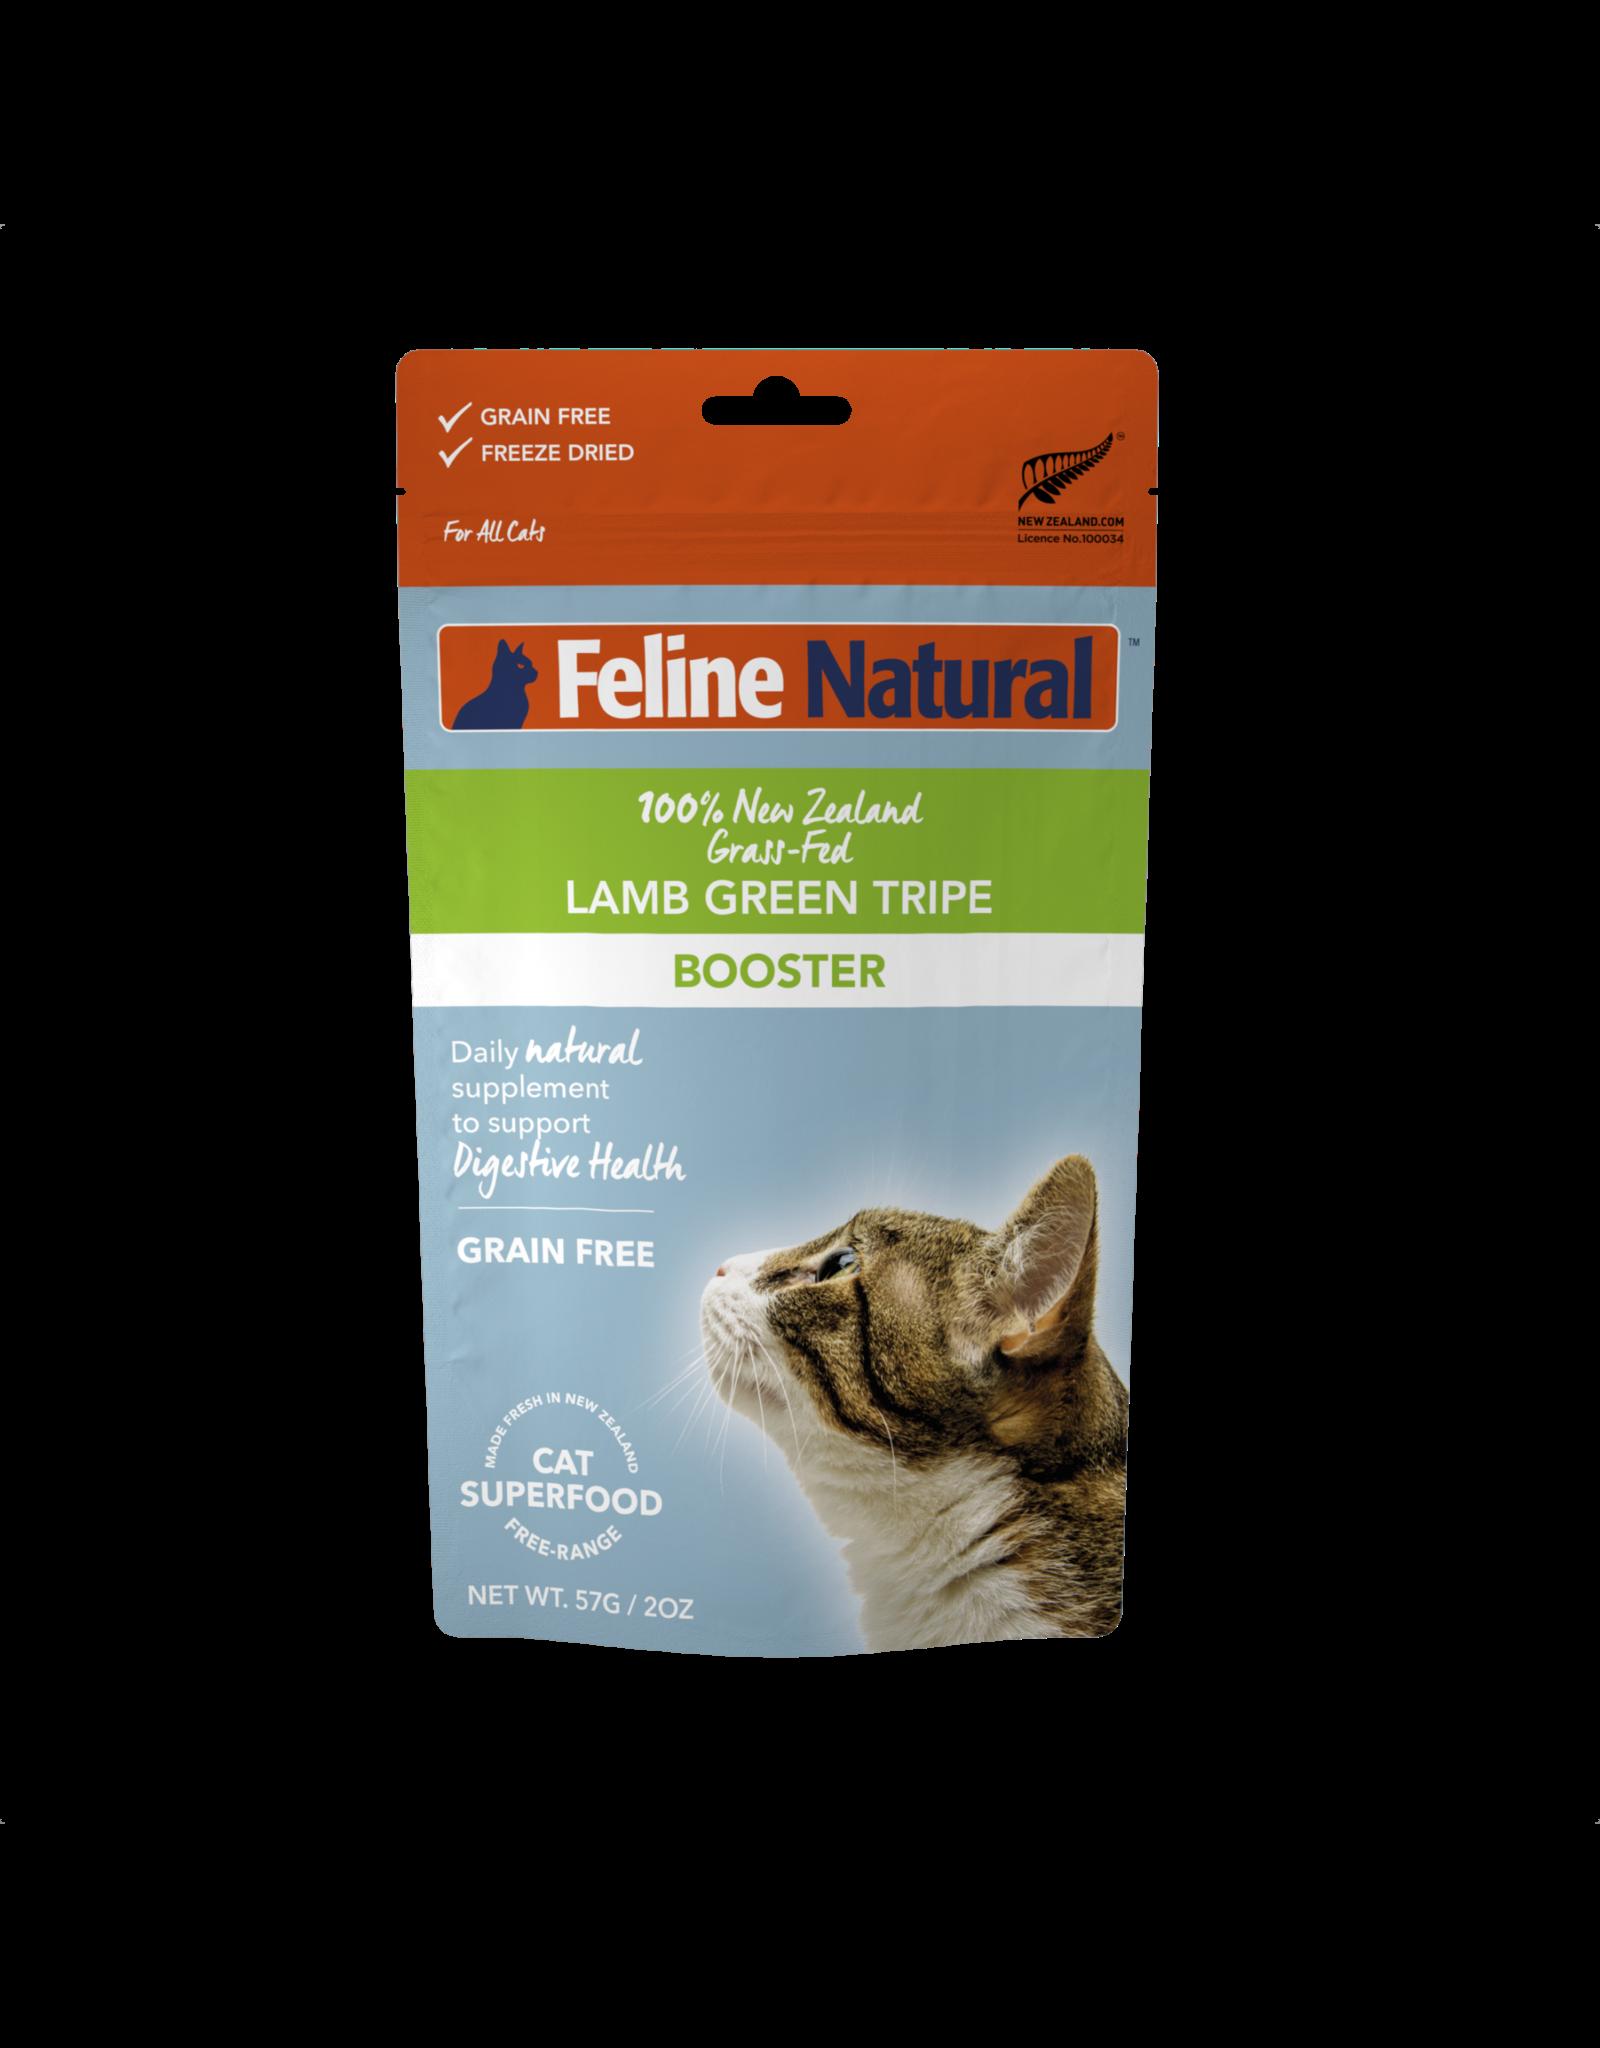 K9 Natural Feline Natural Lamb Green Tripe Booster